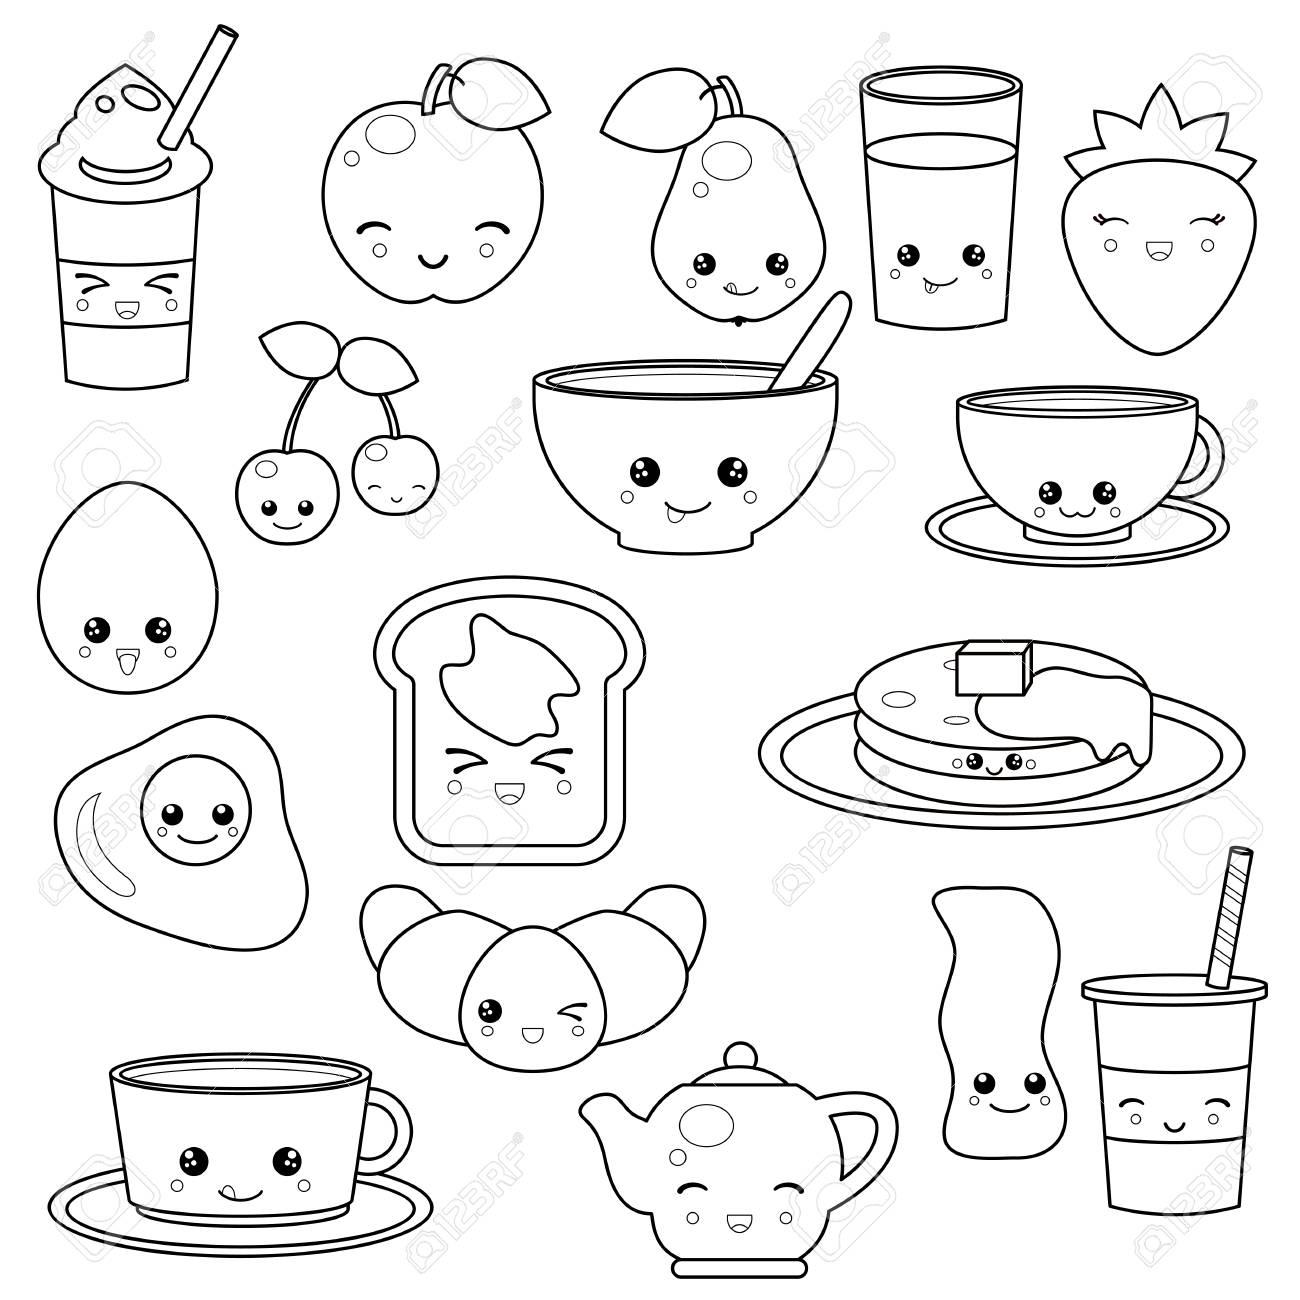 nourriture et boissons de petit dejeuner jeu d icones vectorielles mignon personnages de dessins animes mignons conception pour livre de coloriage